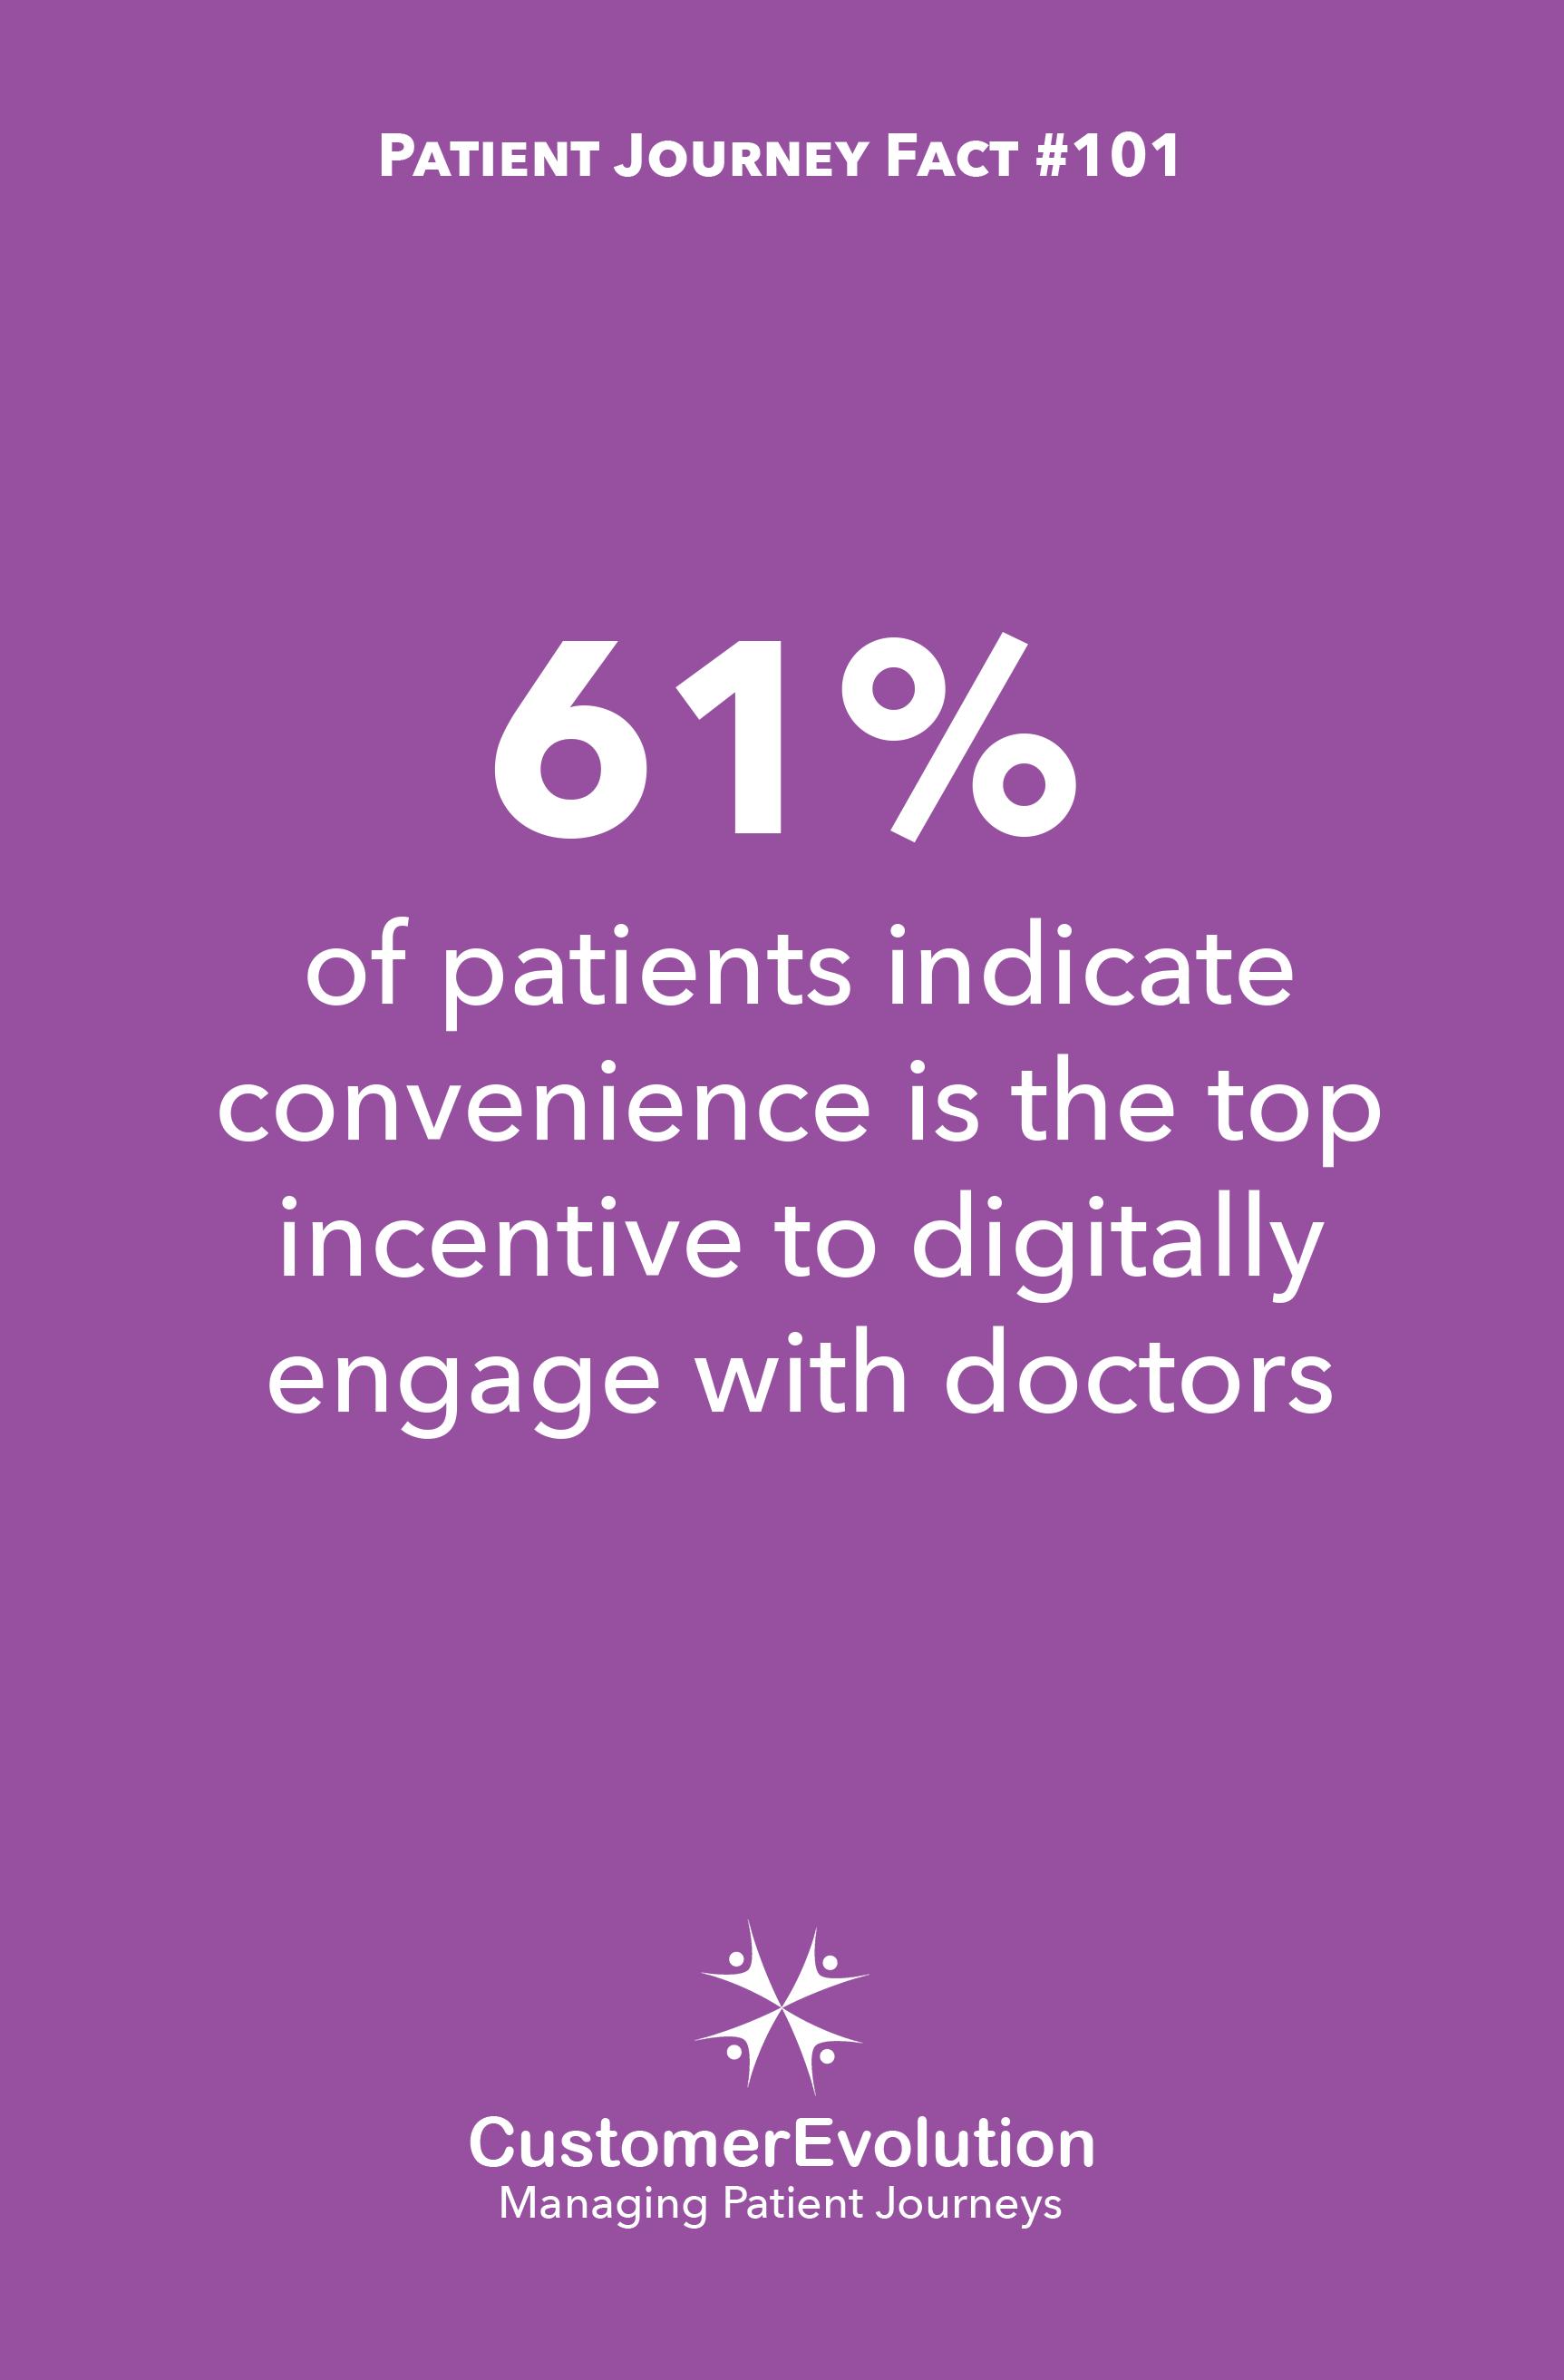 Patient Journey Fact #101